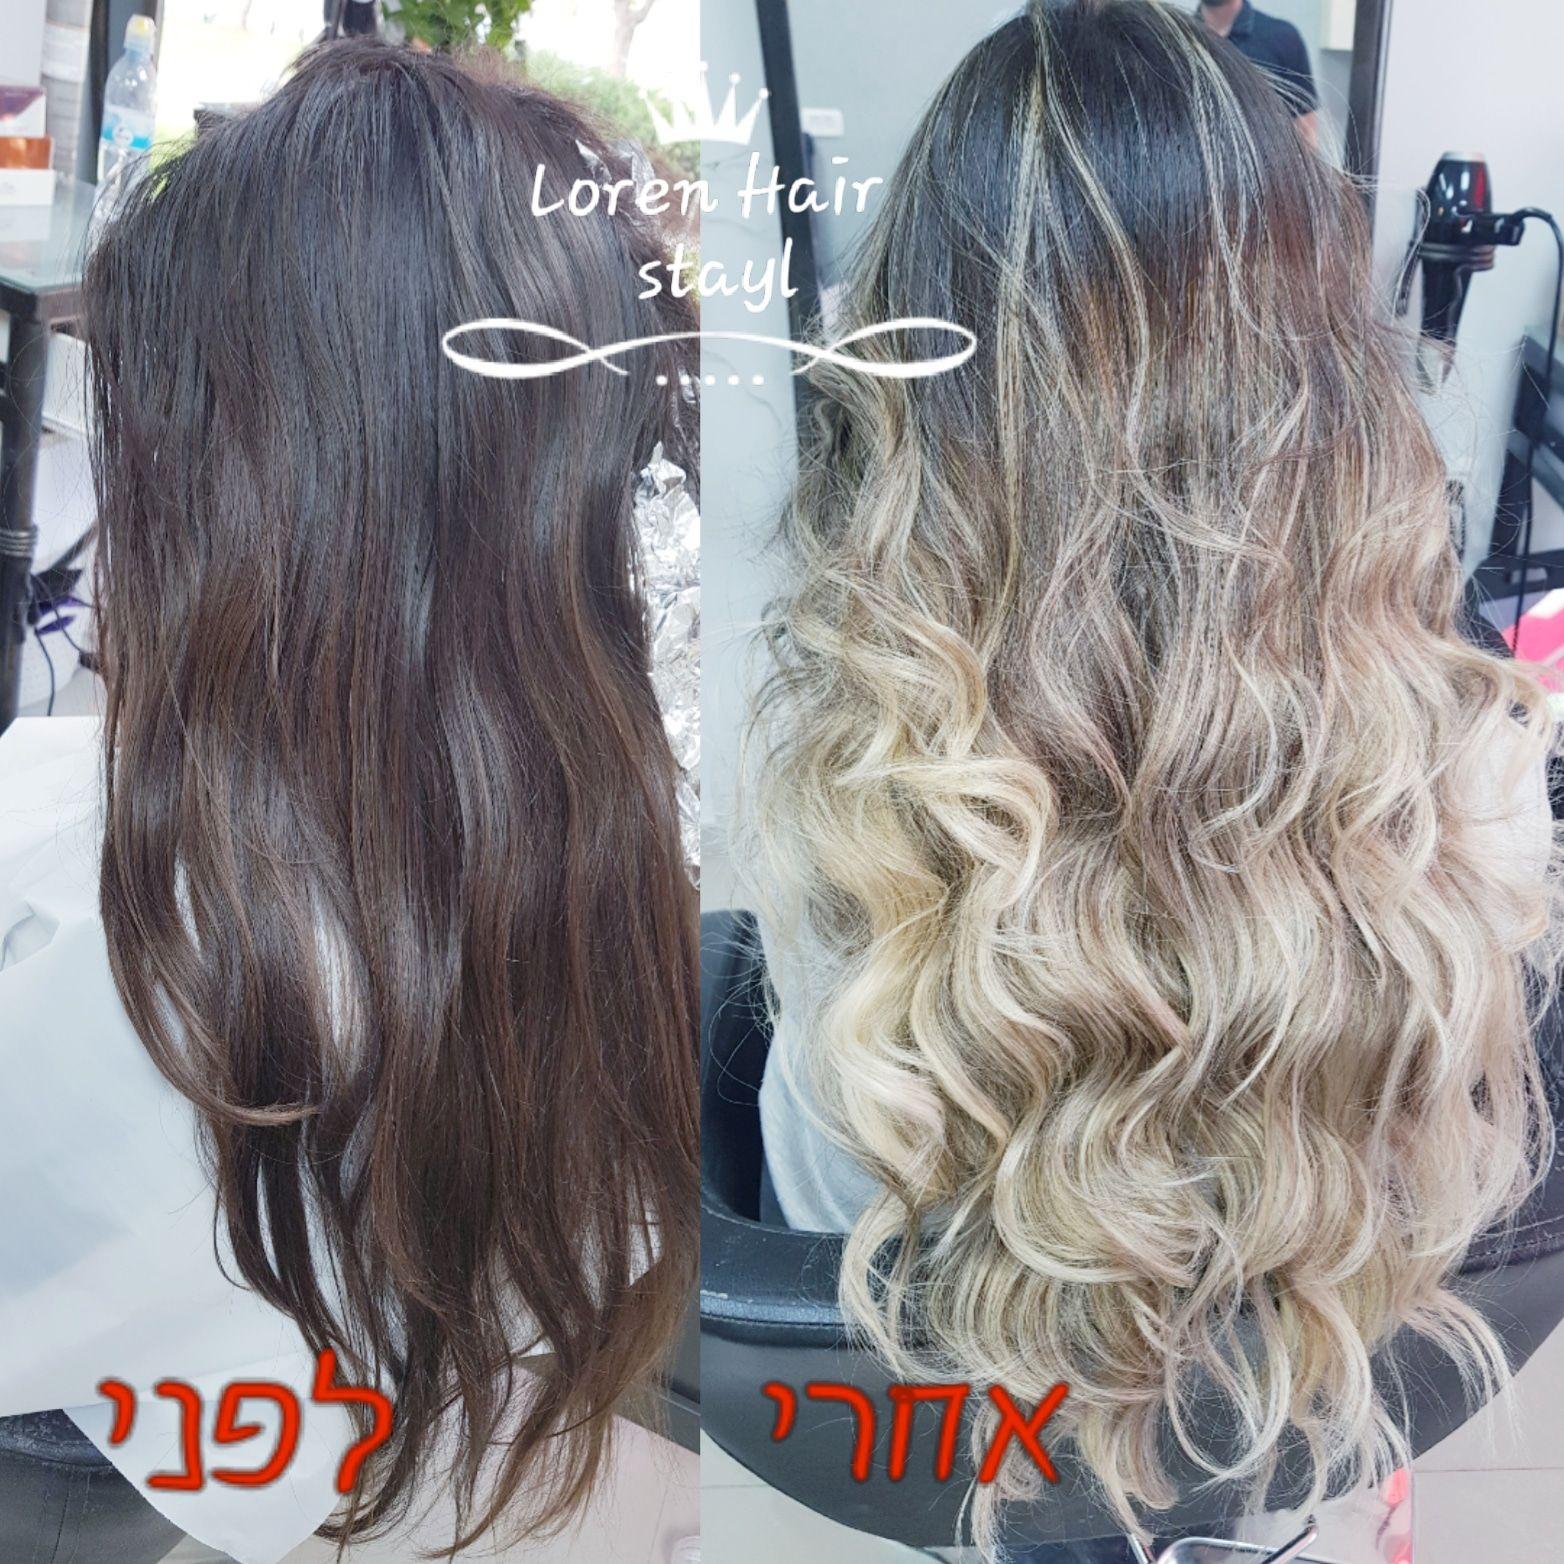 אומברה מקצועי לורן עיצוב שיער